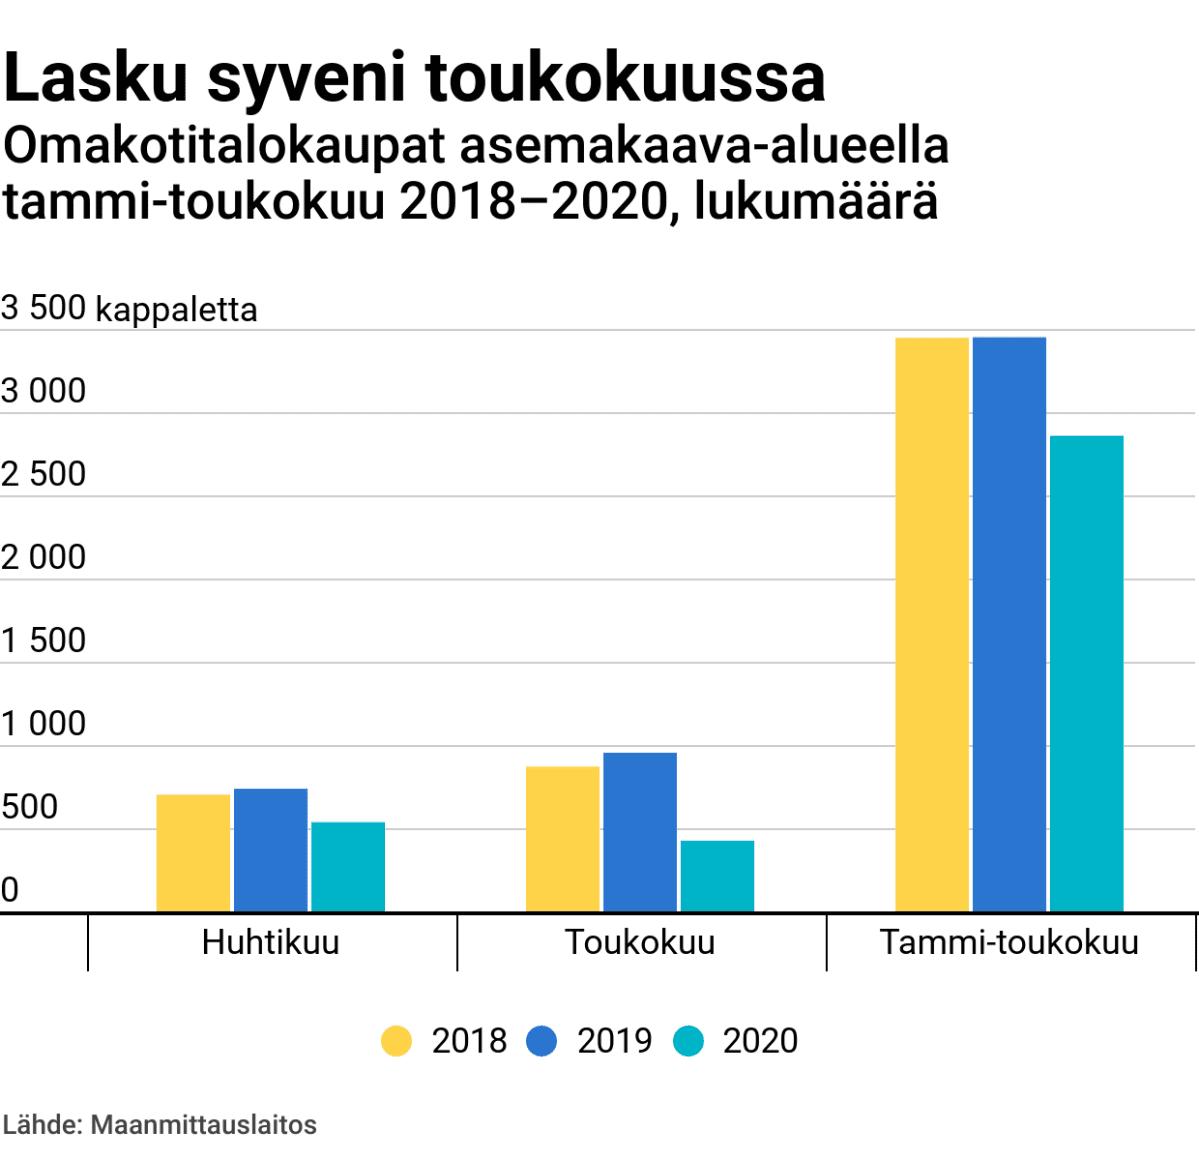 Lasku syveni toukokuussa – omakotitalokaupat asemakaava-alueella tammi-toukokuu 2018–2020